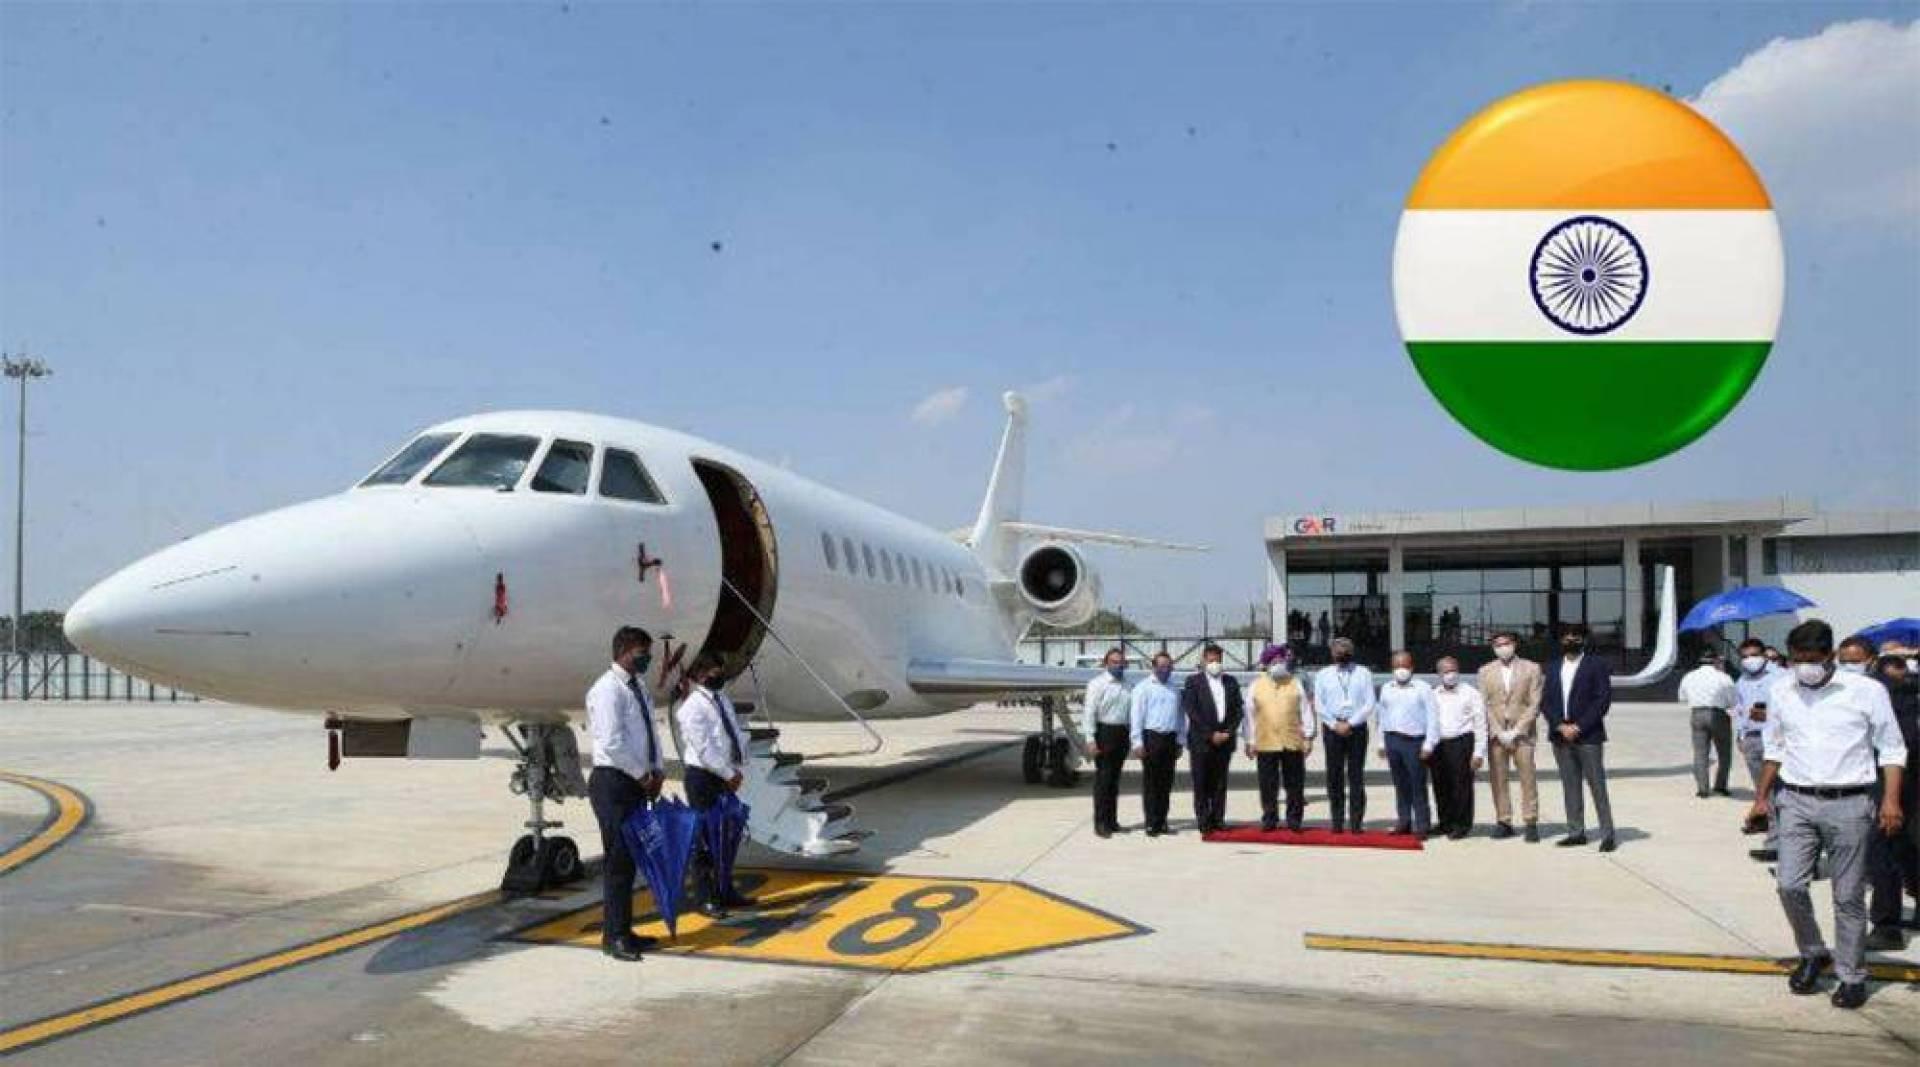 الهند تفتتح أول محطة للطائرات الخاصة لخدمة المليارديرات